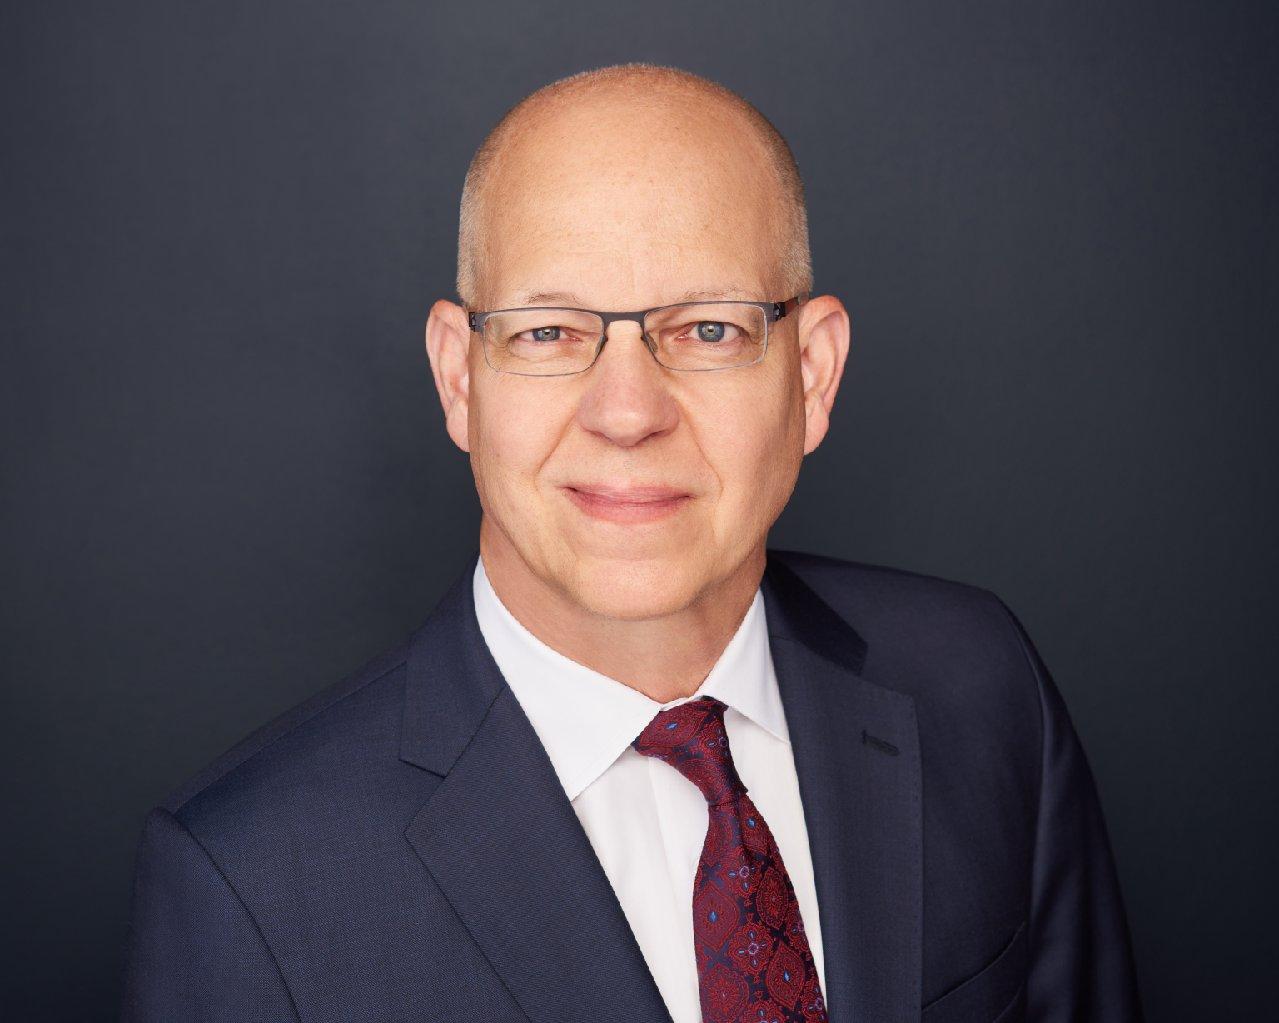 الدكتور  راي أو. جونسون رئيساً تنفيذياً لمعهد الابتكار التكنولوجي